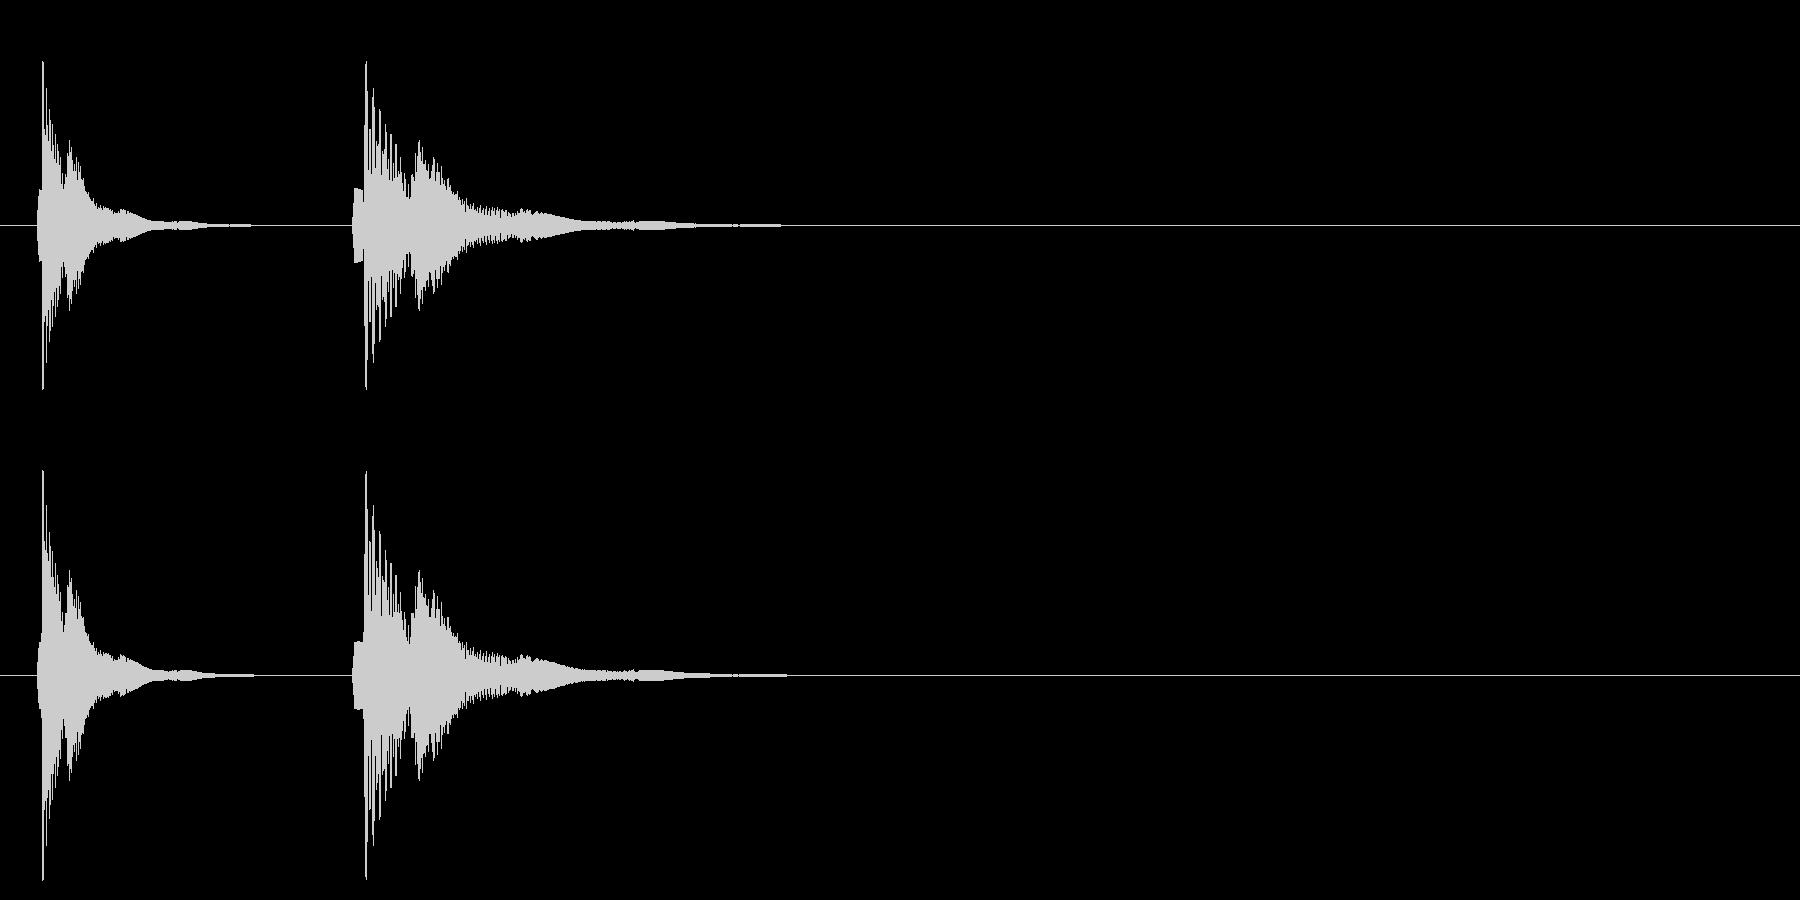 コミカル アクション ボタン ピコの未再生の波形